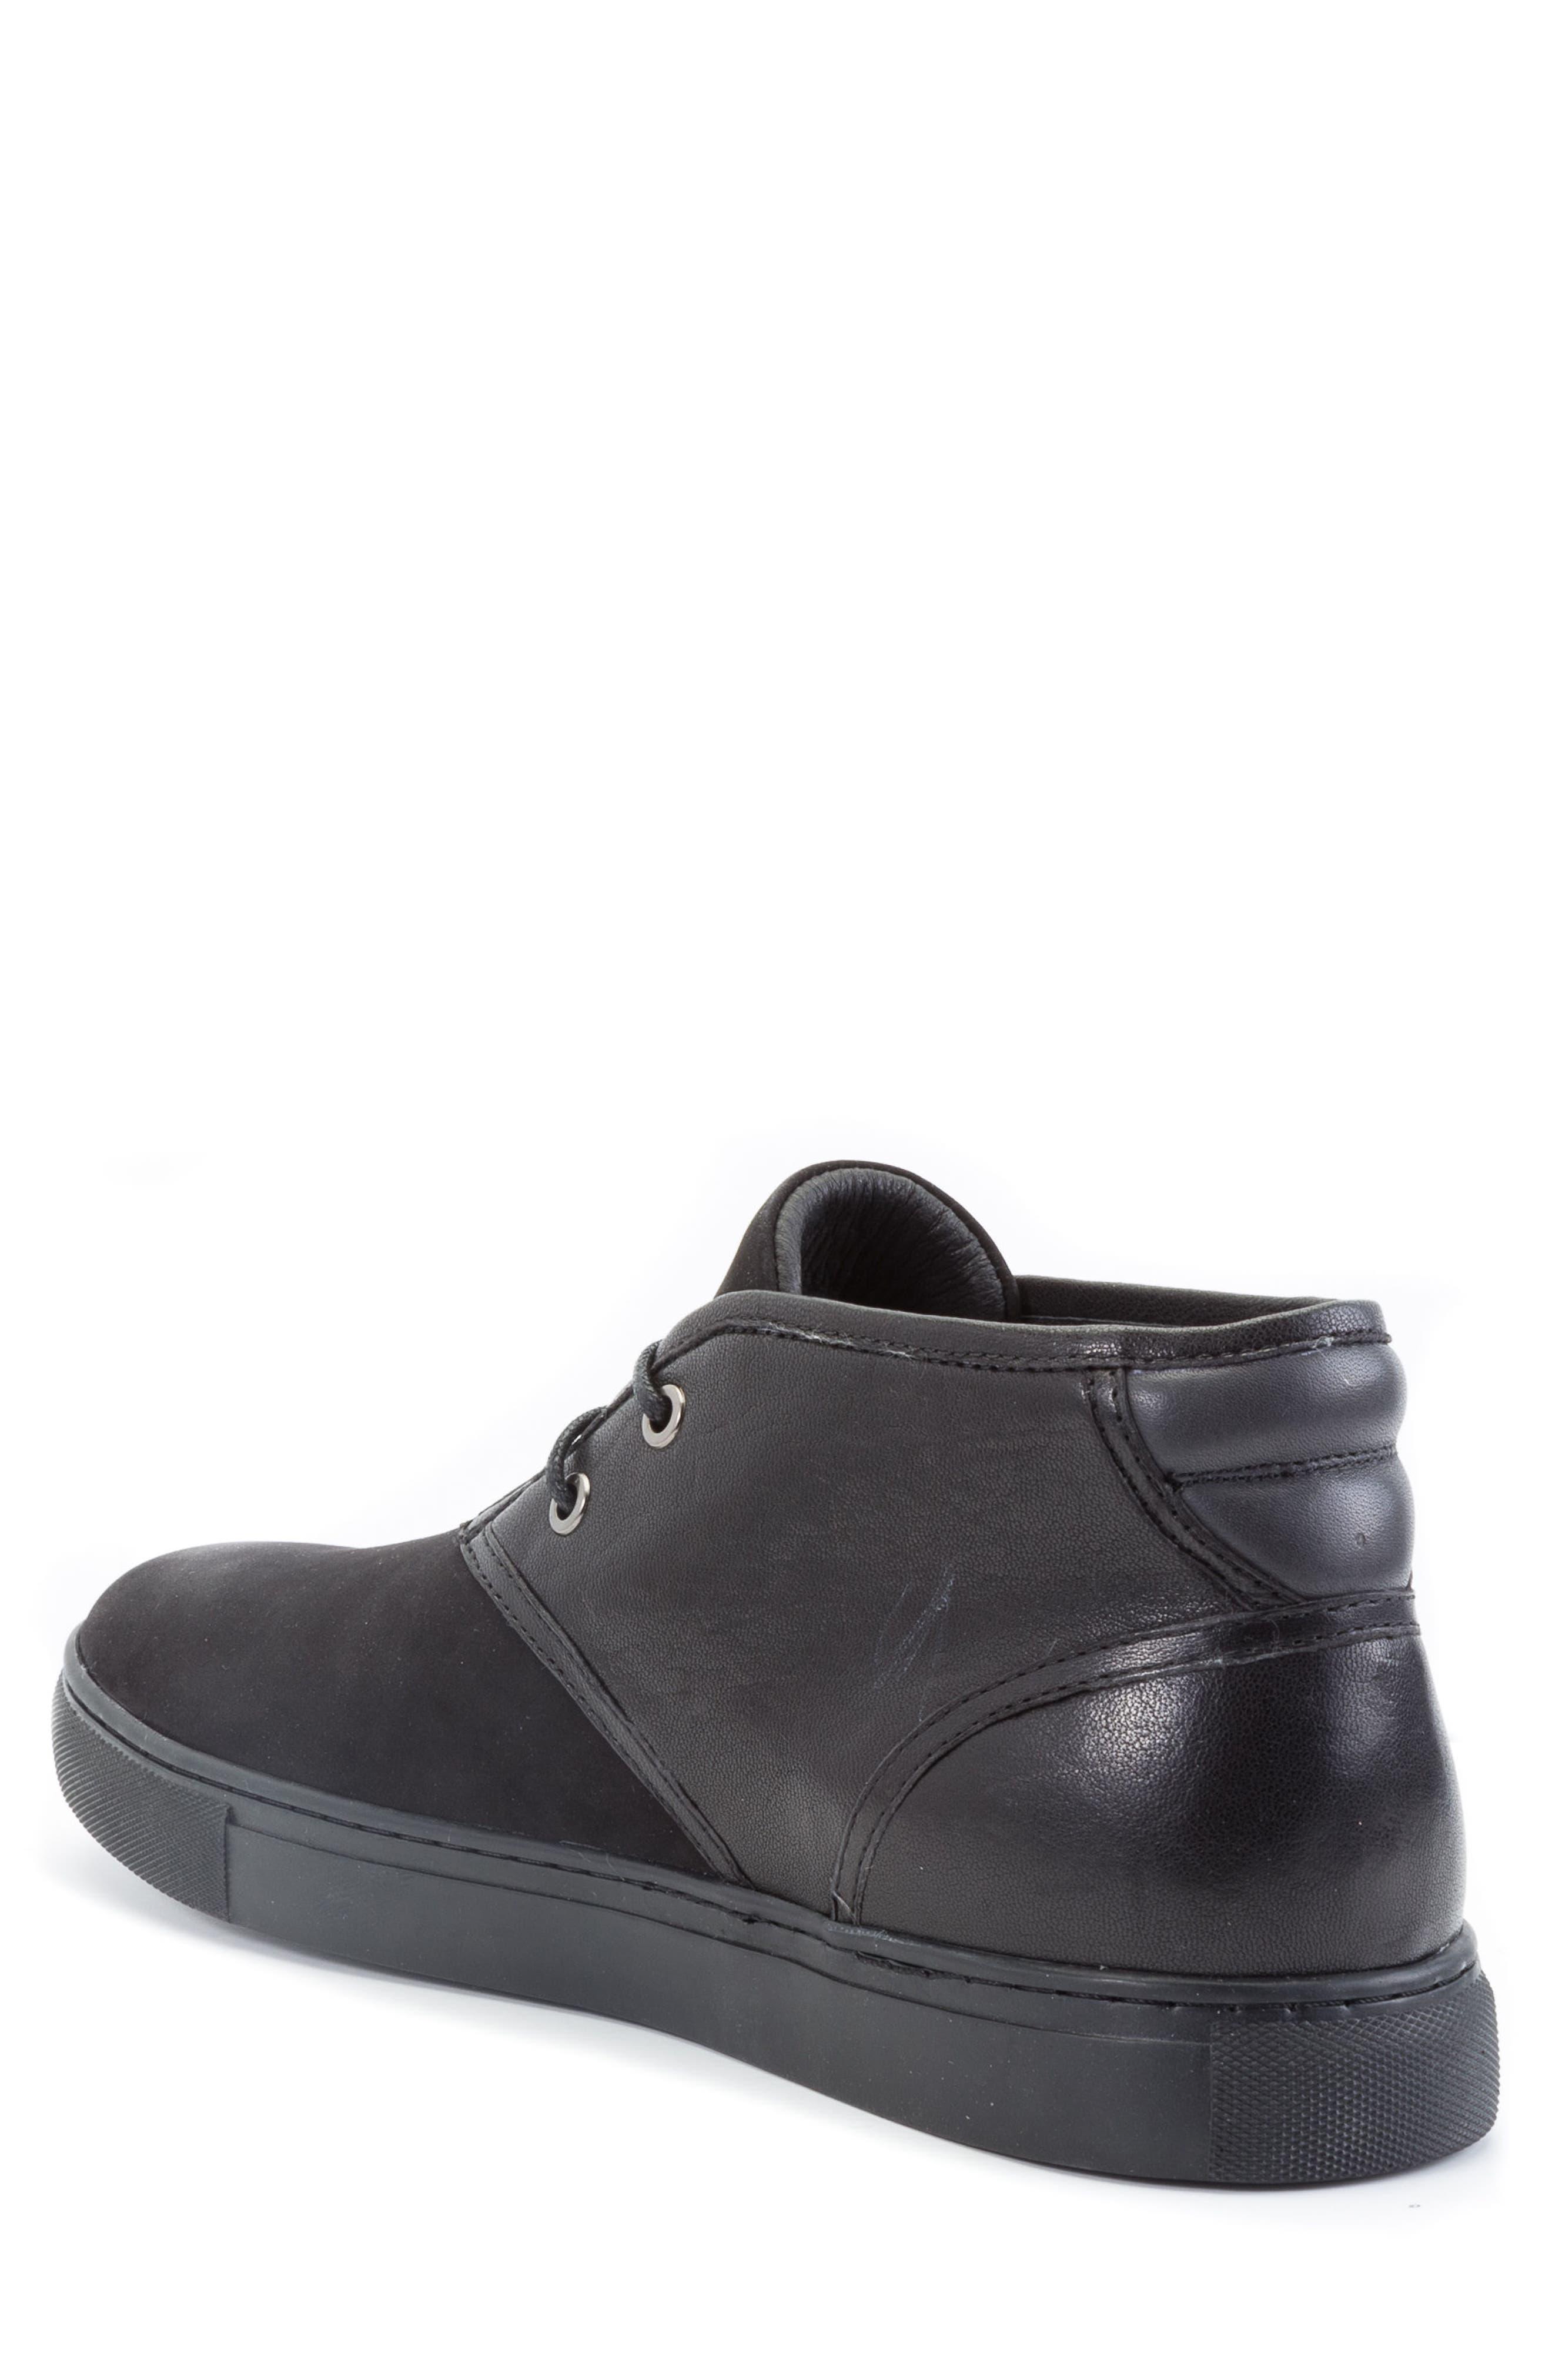 Catlett Chukka Sneaker,                             Alternate thumbnail 2, color,                             001